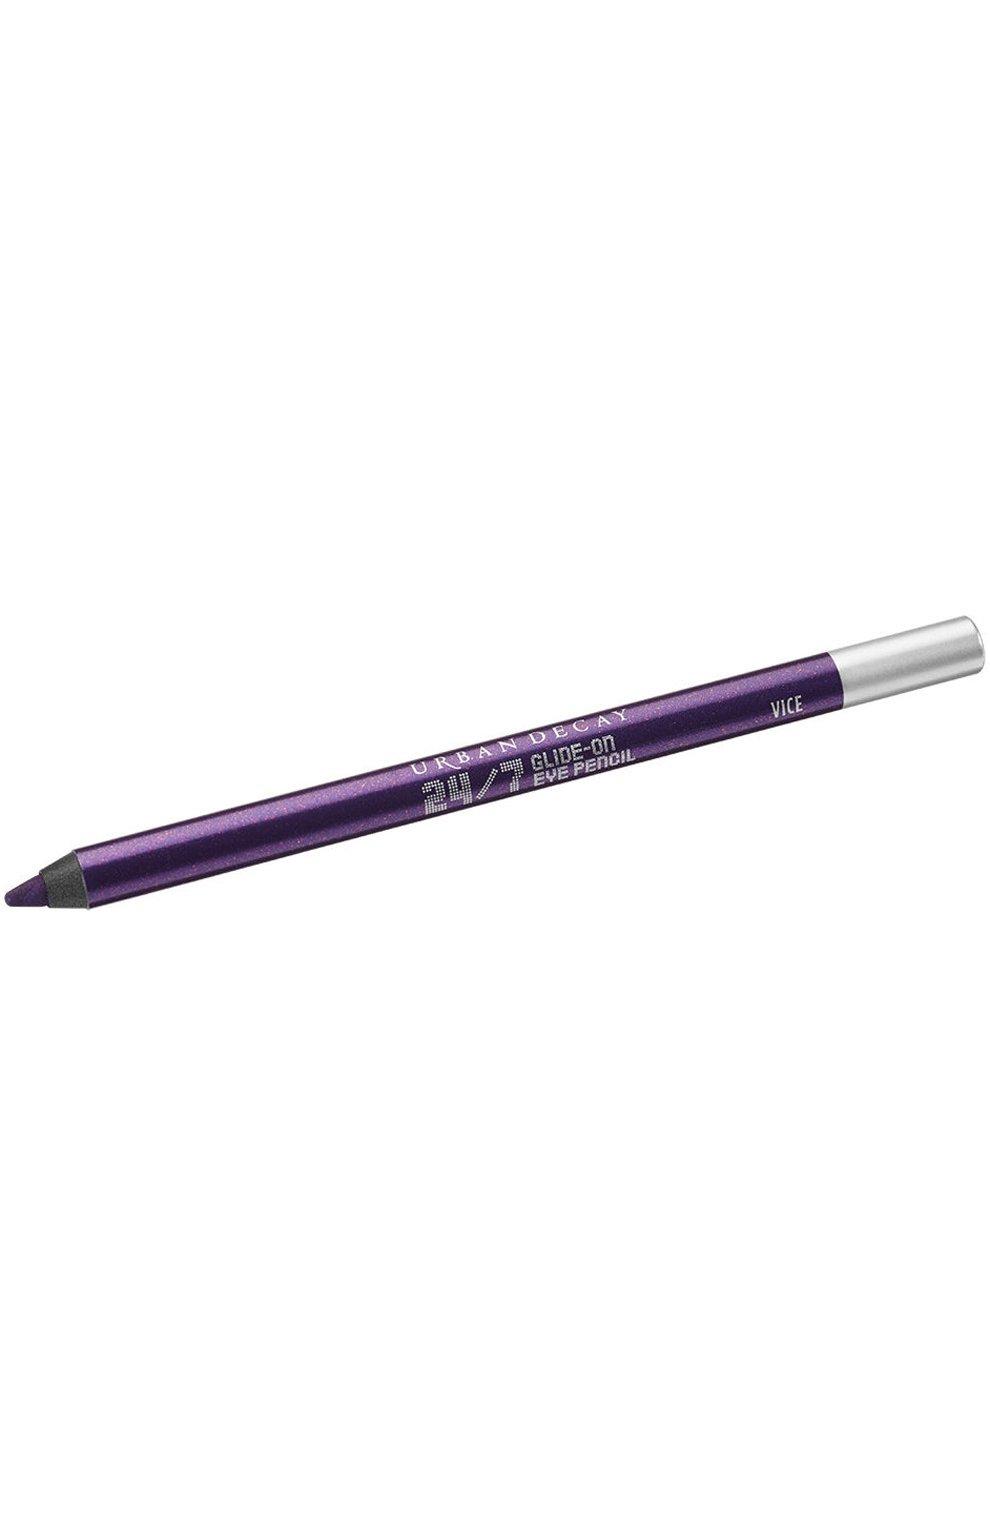 Женский карандаш для глаз 24/7 vice  URBAN DECAY бесцветного цвета, арт. 604214462304 | Фото 1